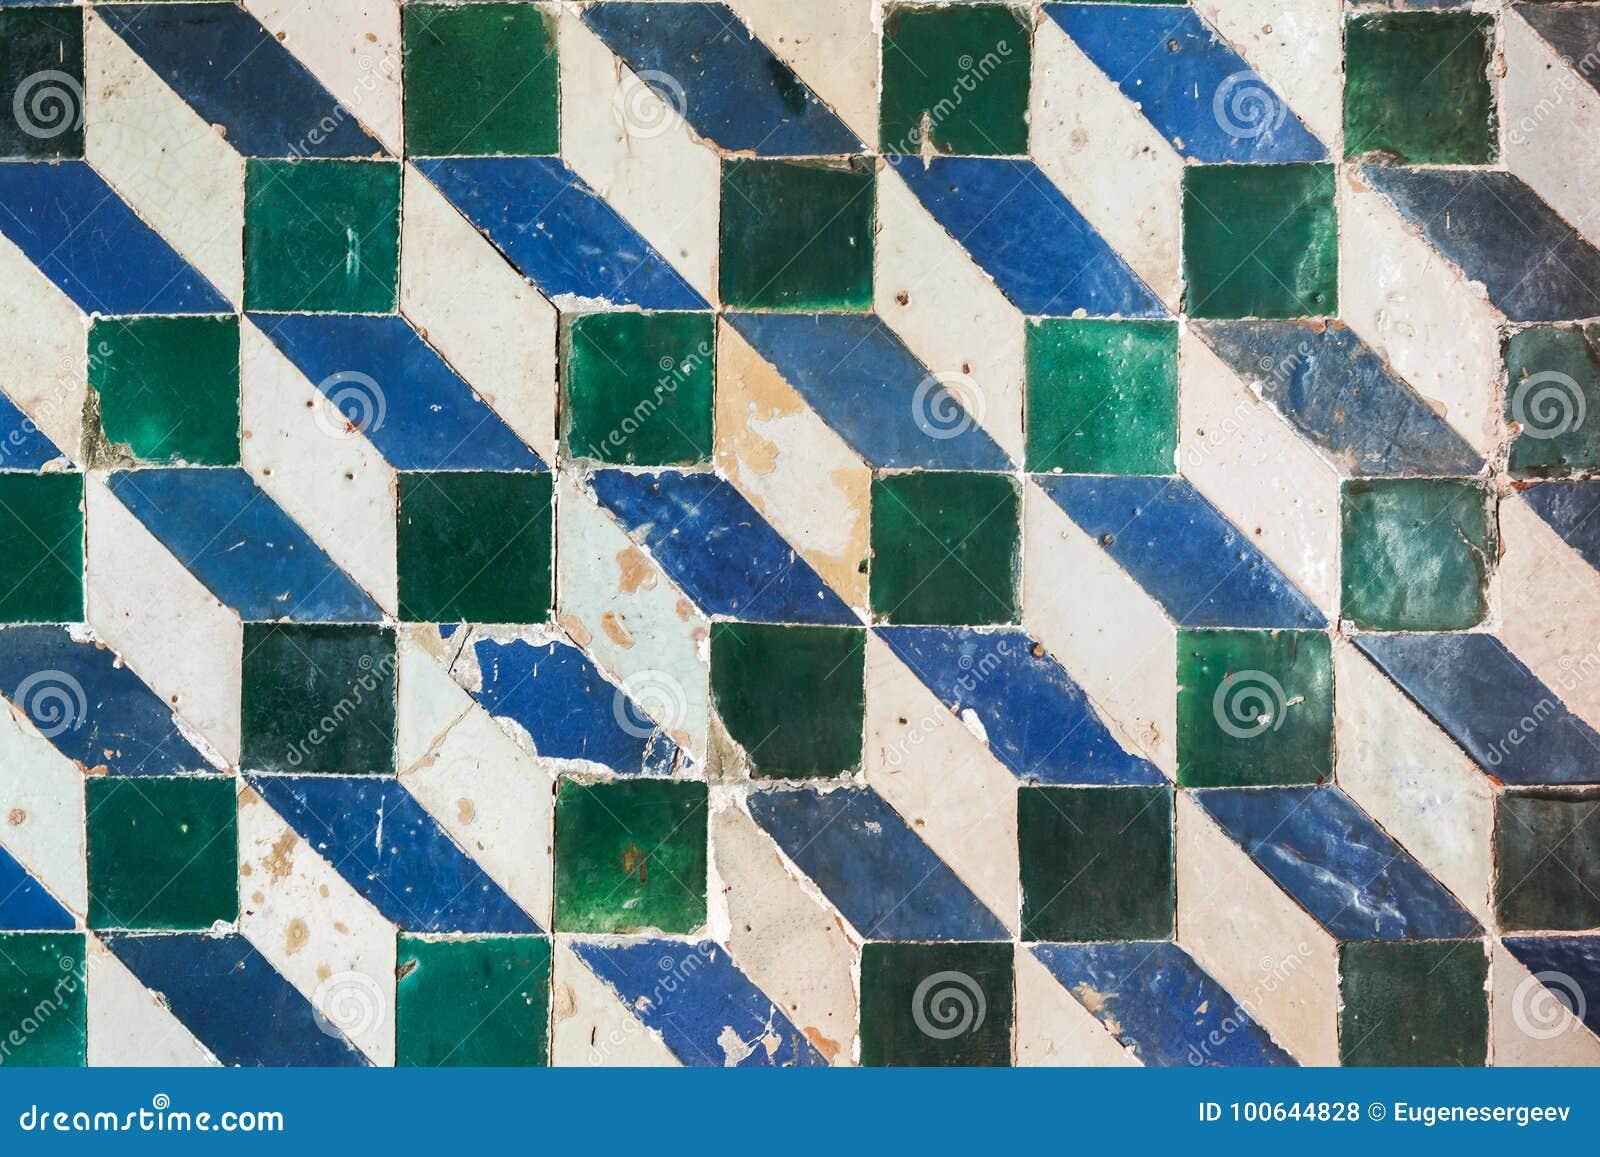 Mosaic Pattern, Geometric Wall Tiling Decoration Stock Photo - Image ...